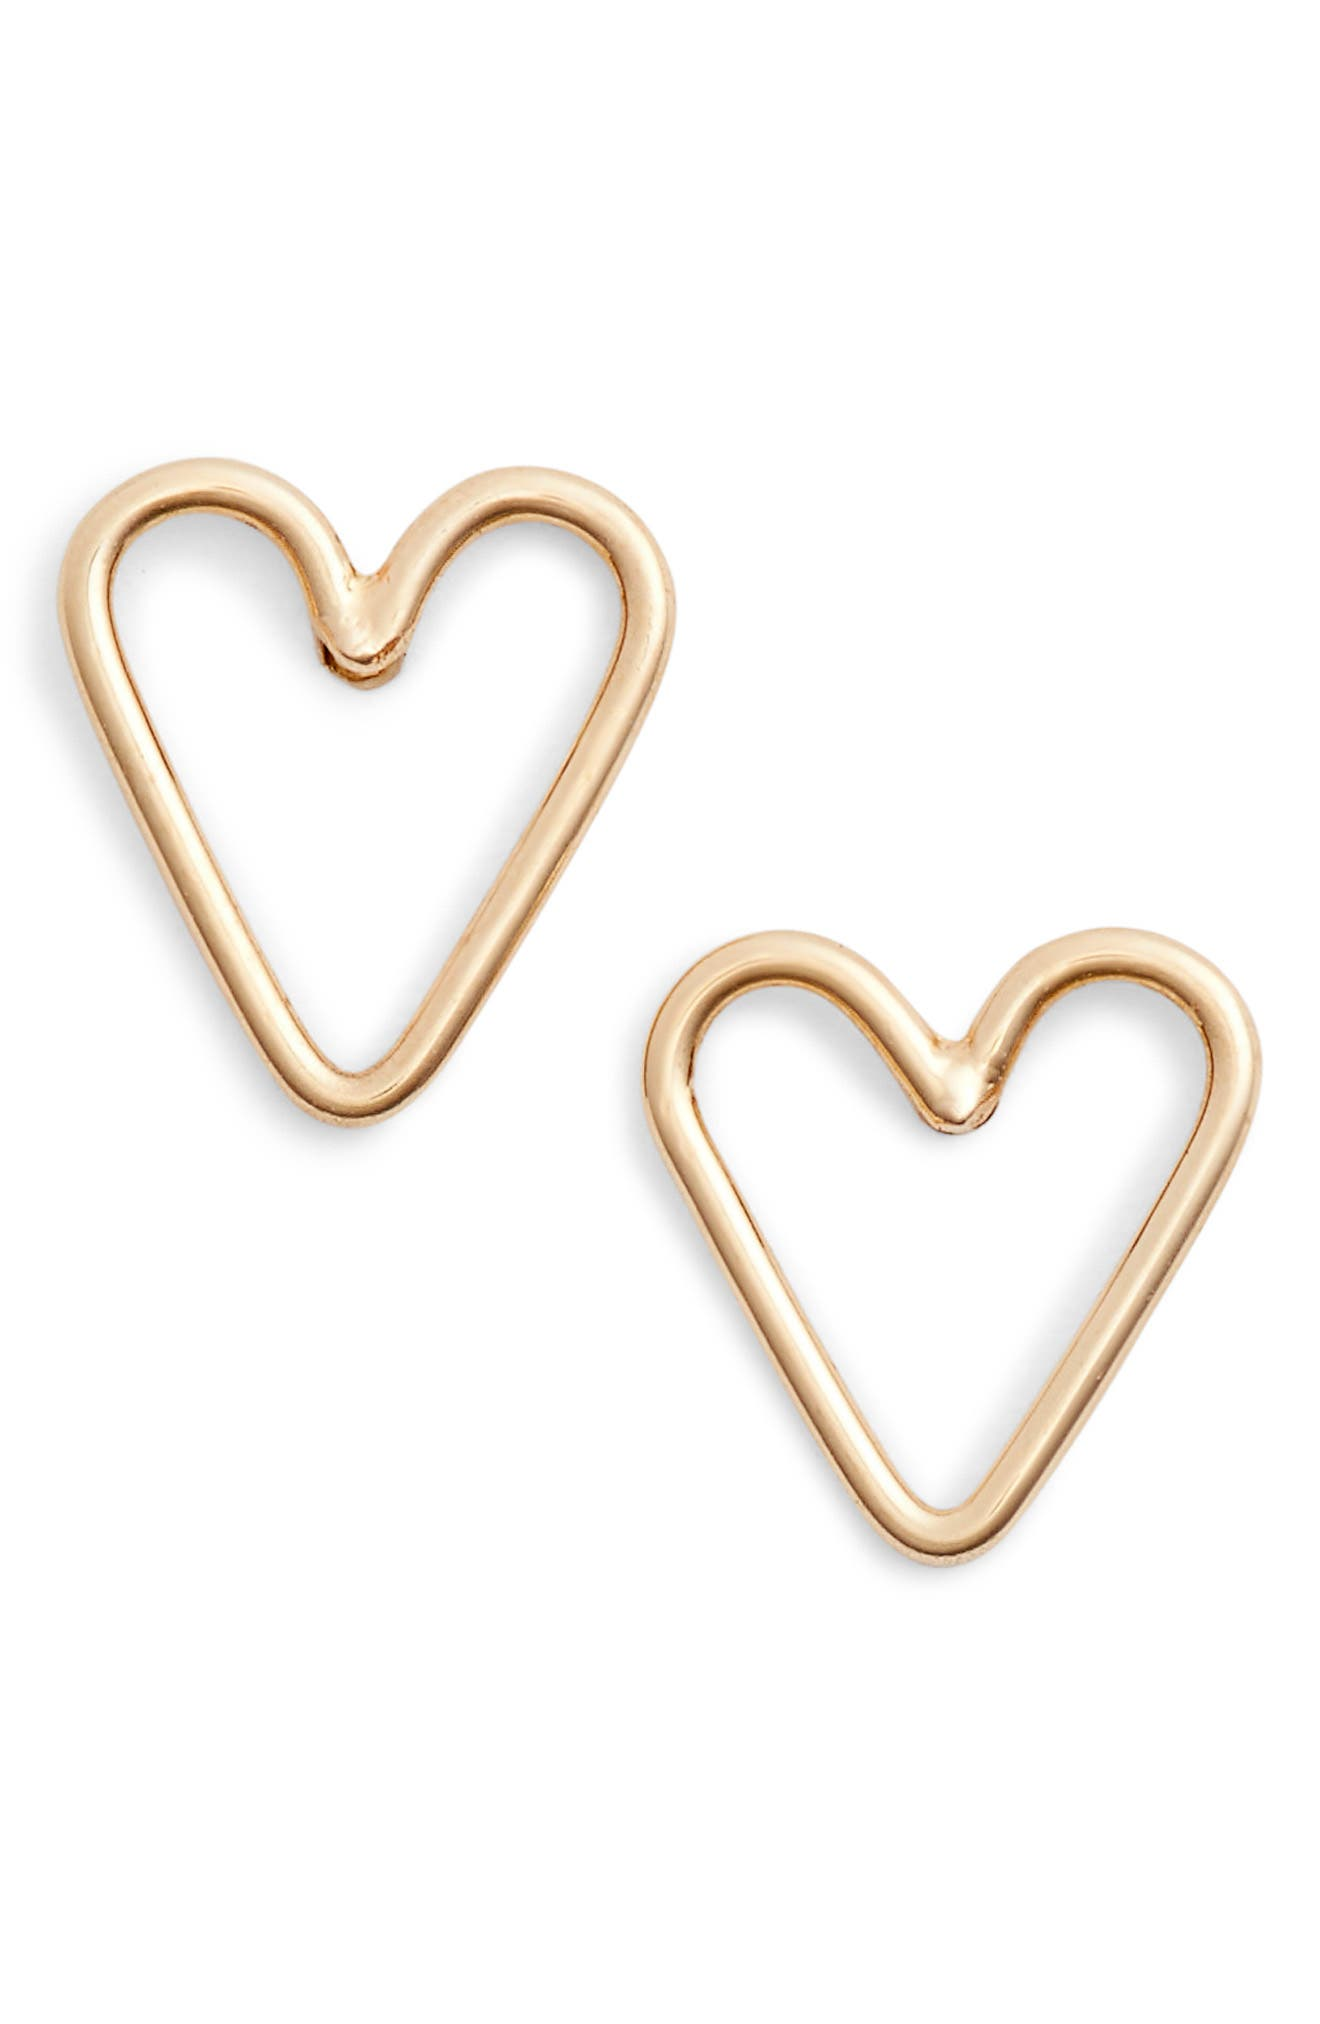 Zoë Chicco Open Heart Stud Earrings